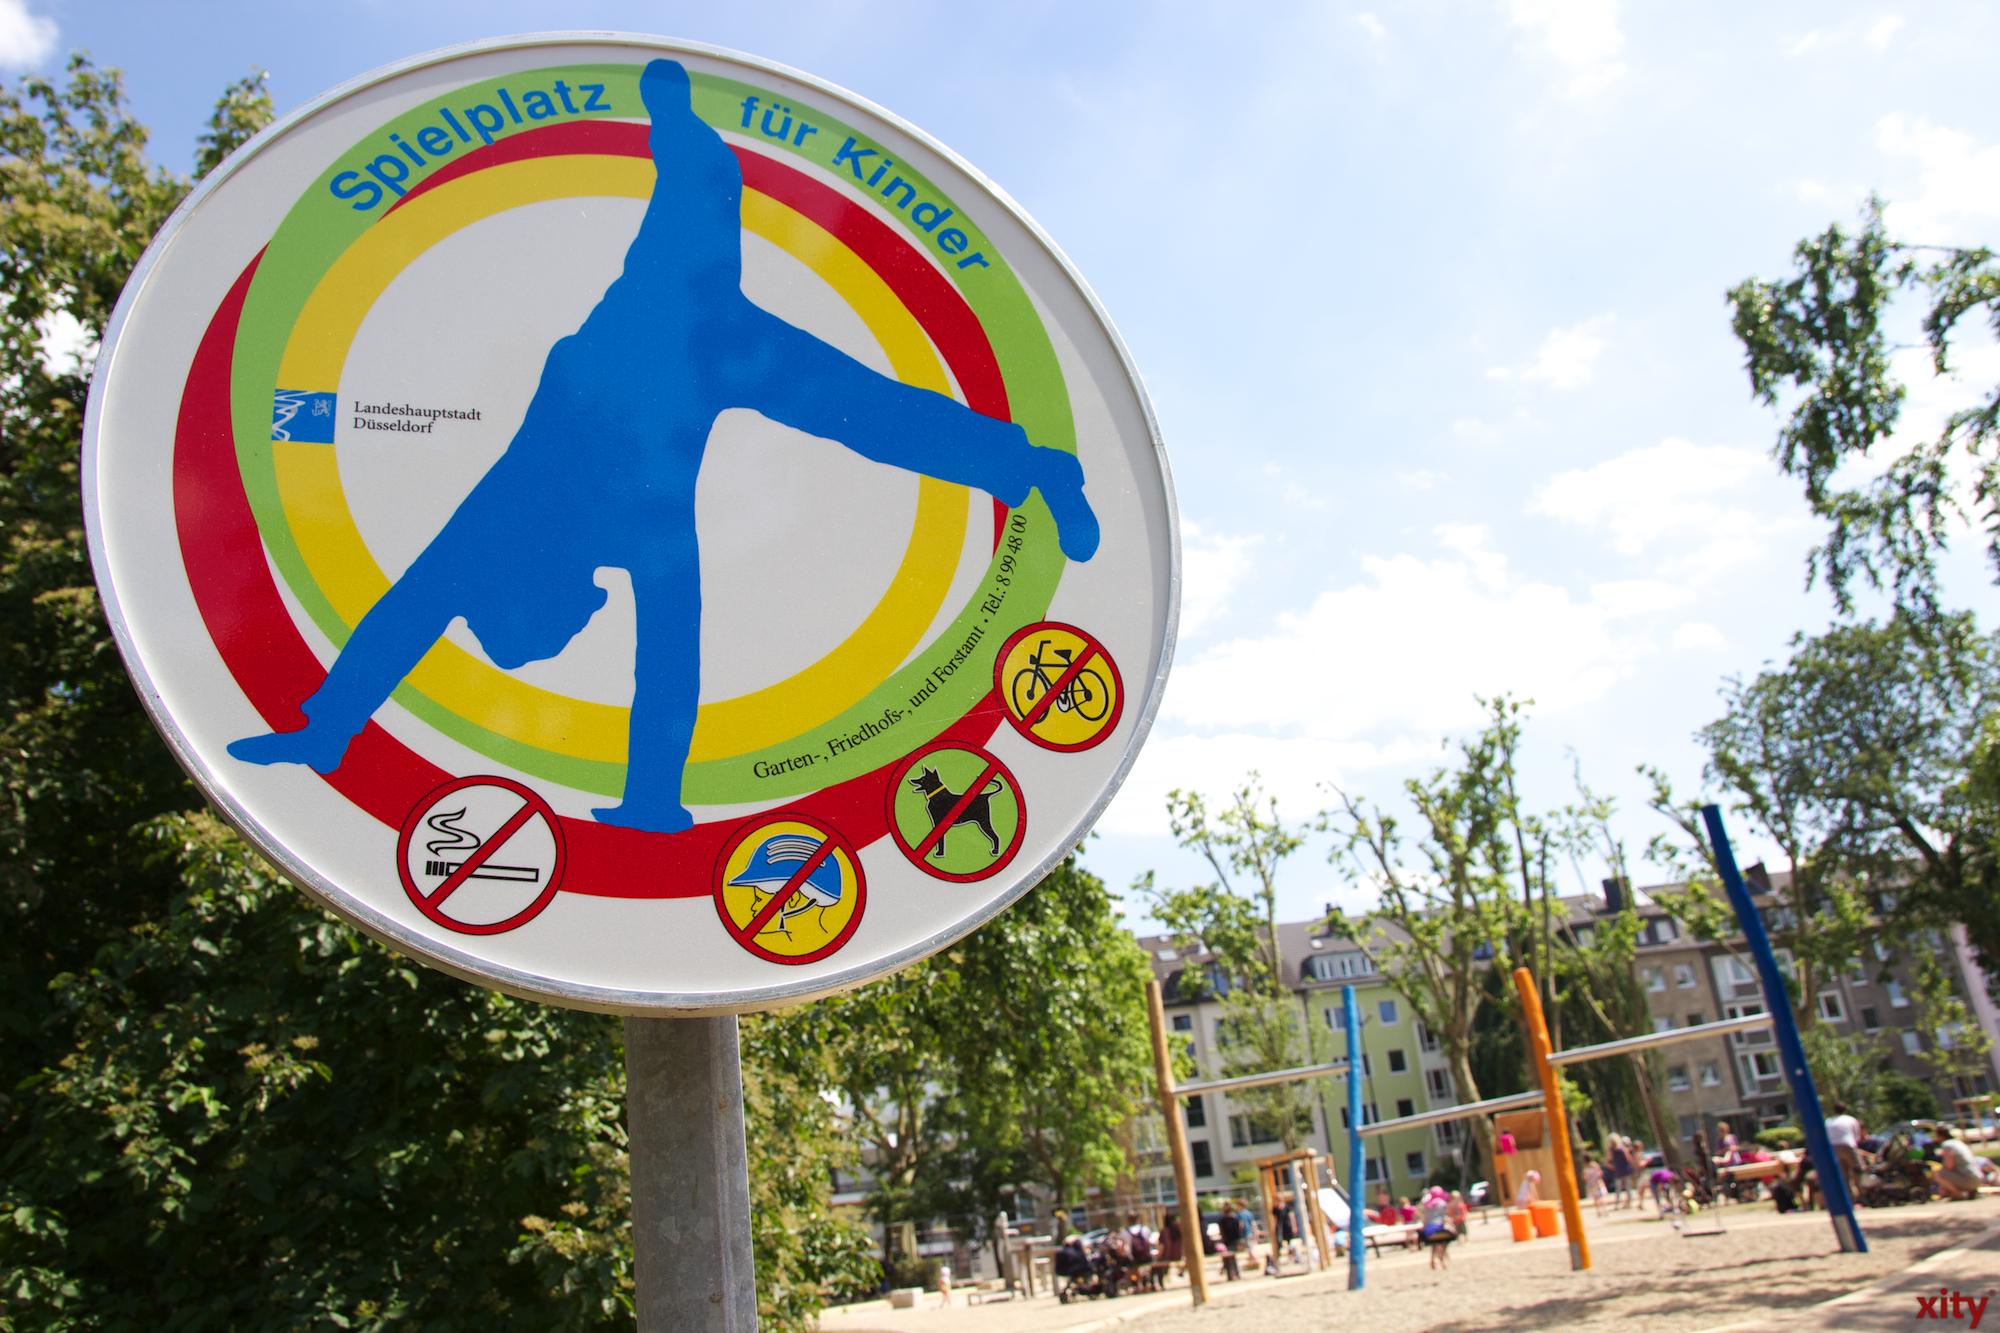 Der Spielplatz am Schillerplatz erstrahlt in neuem Glanz (Foto: xity)